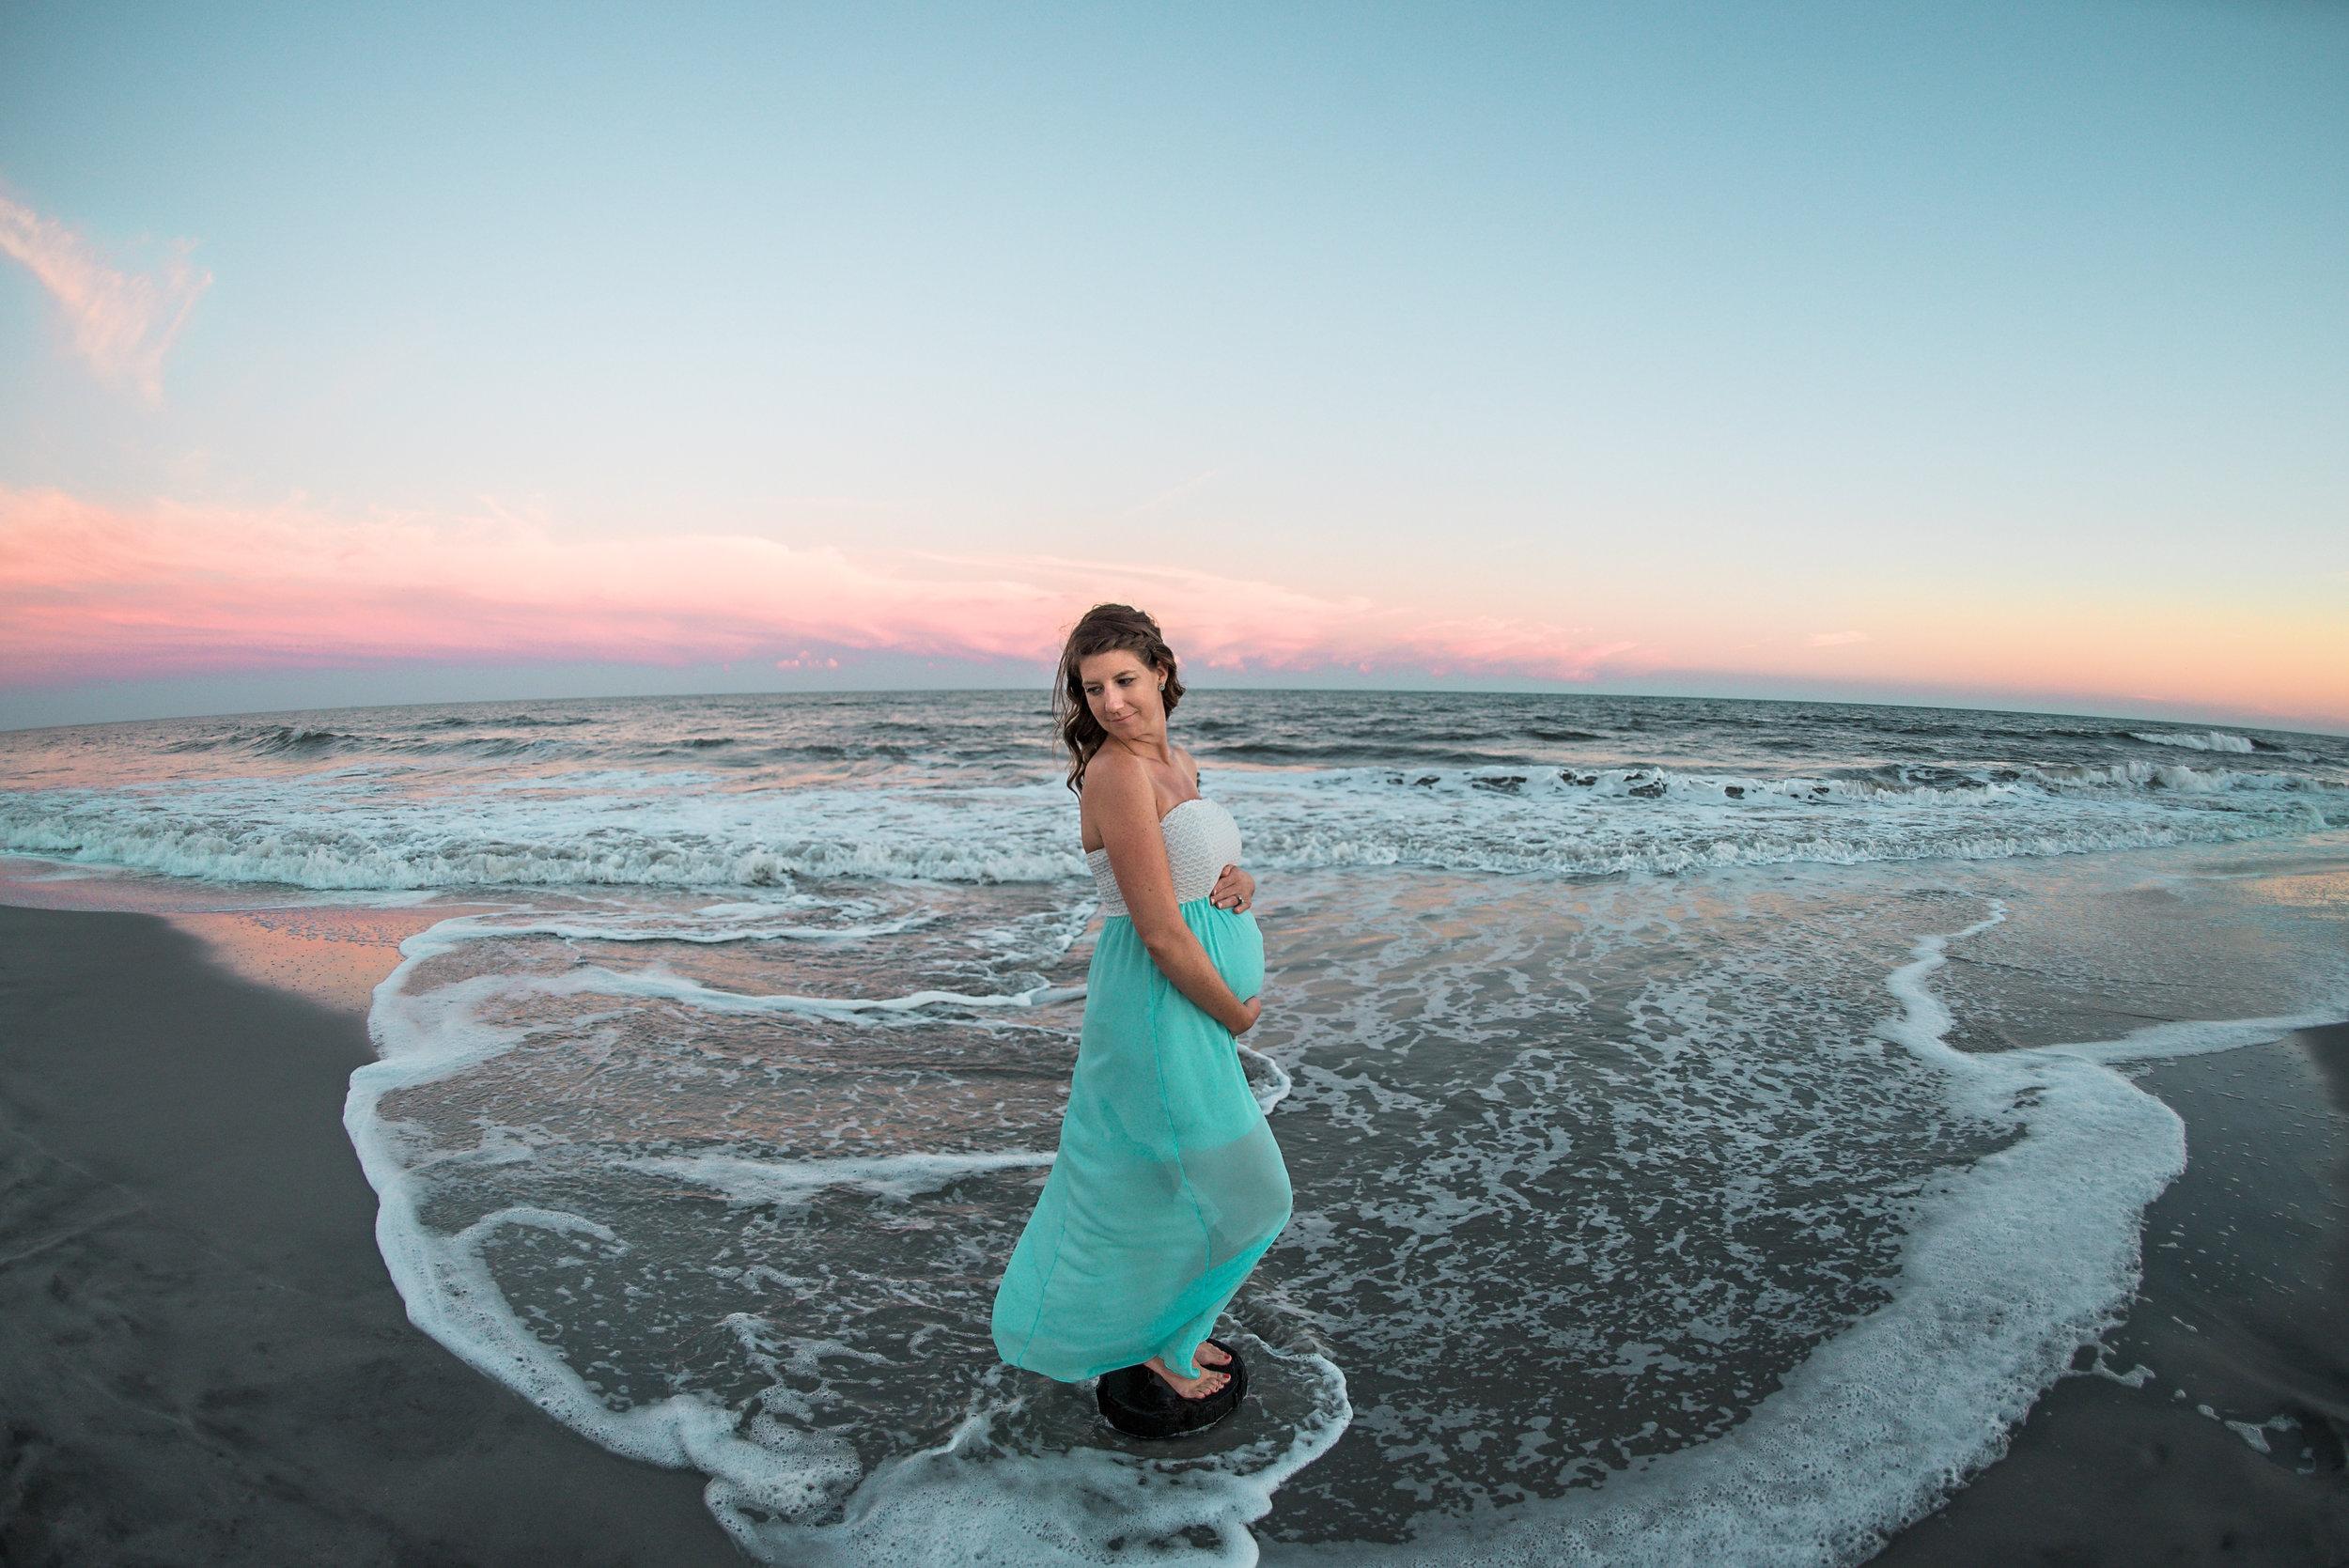 Folly-Beach-Maternity-Photographer-Following-Seas-Photography-2884 copy.jpg